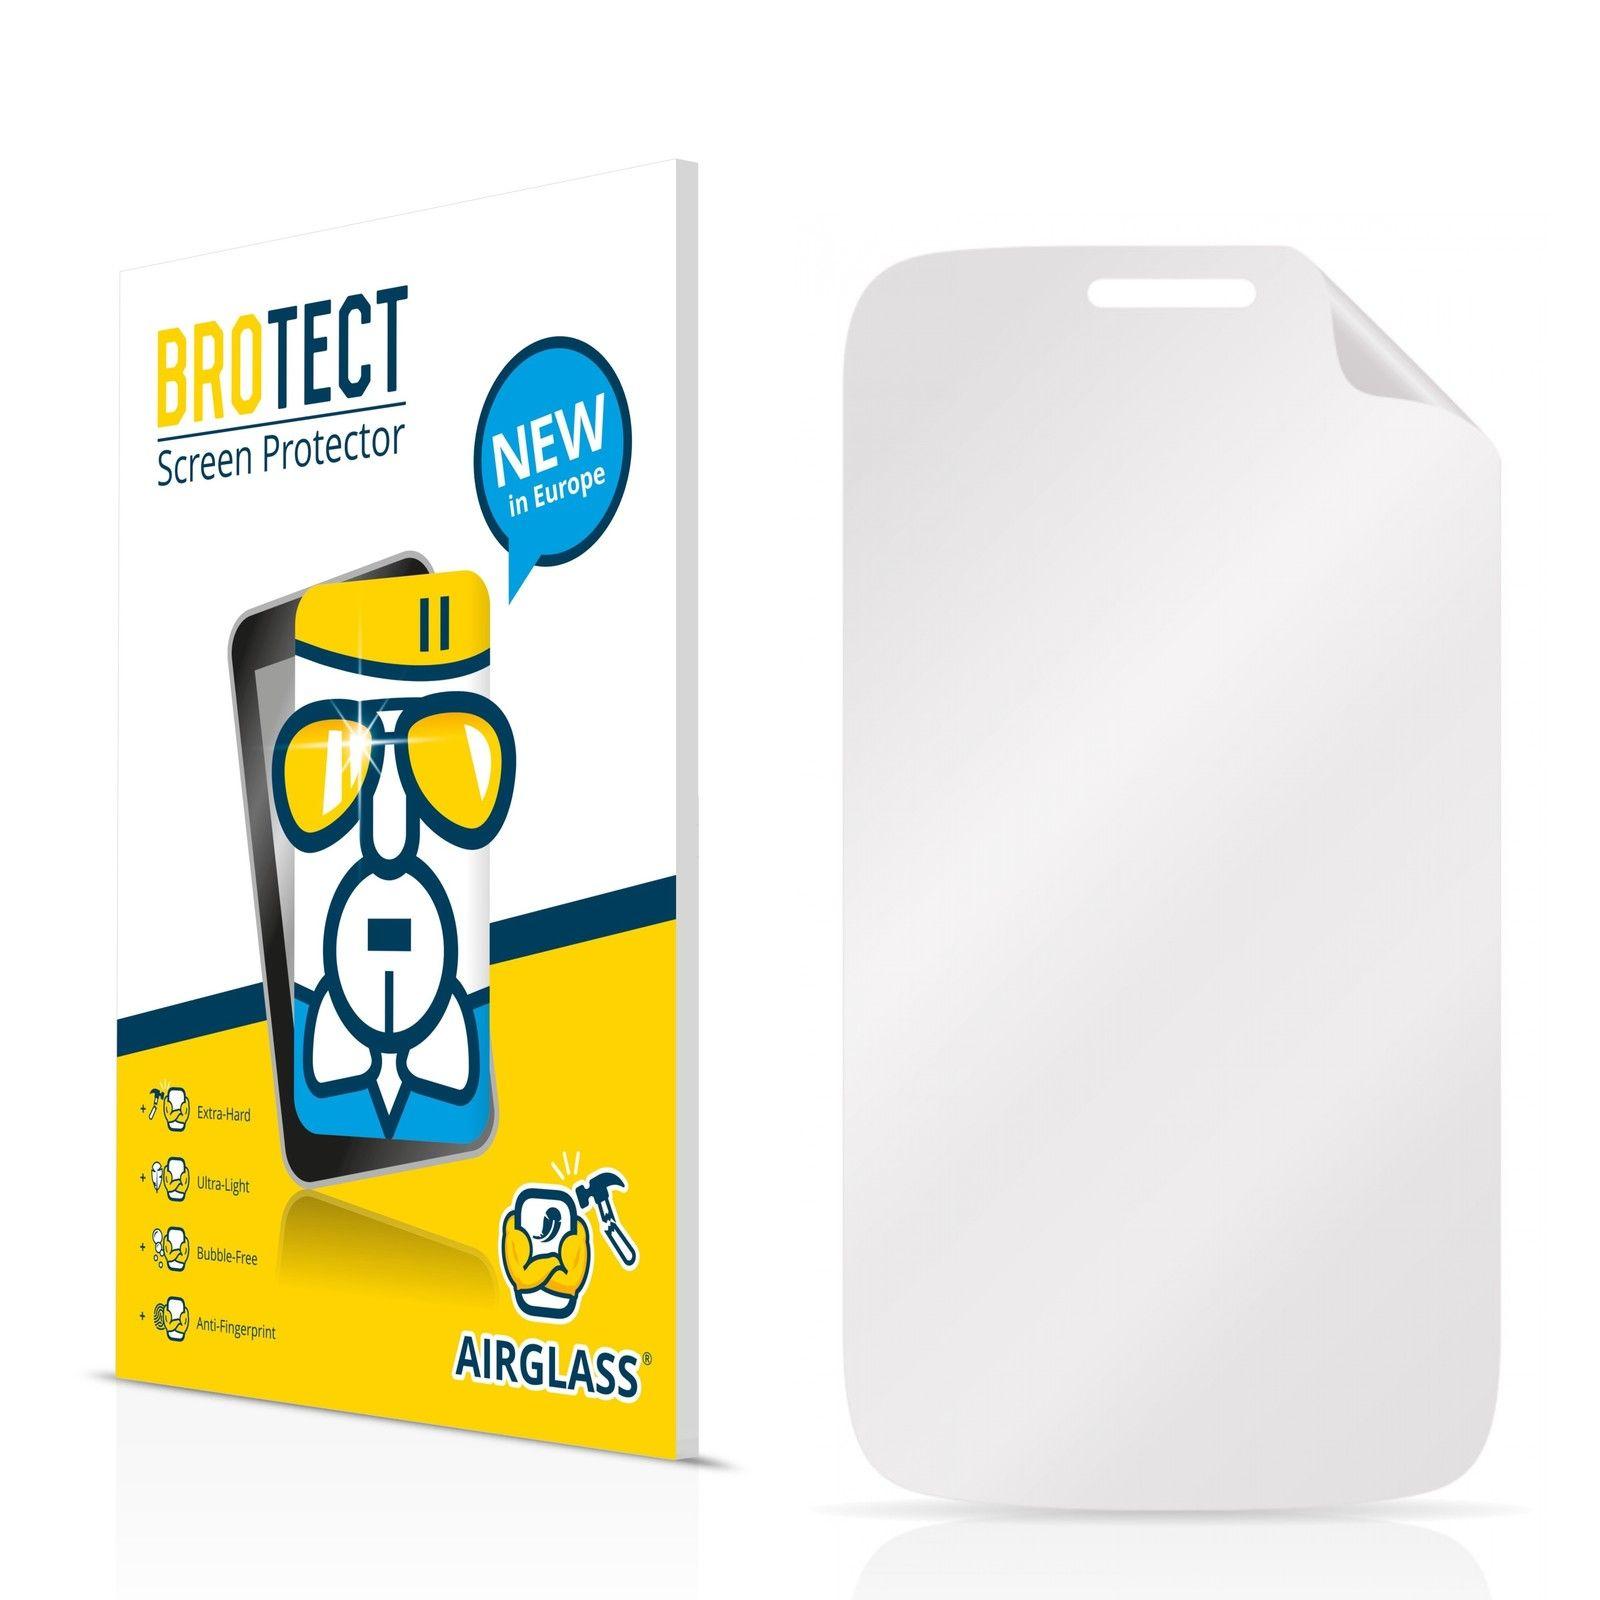 Extra tvrzená ochranná fólie (tvrzené sklo) AirGlass Brotec na LCD pro Prestigio MultiPhone 3404 DUO